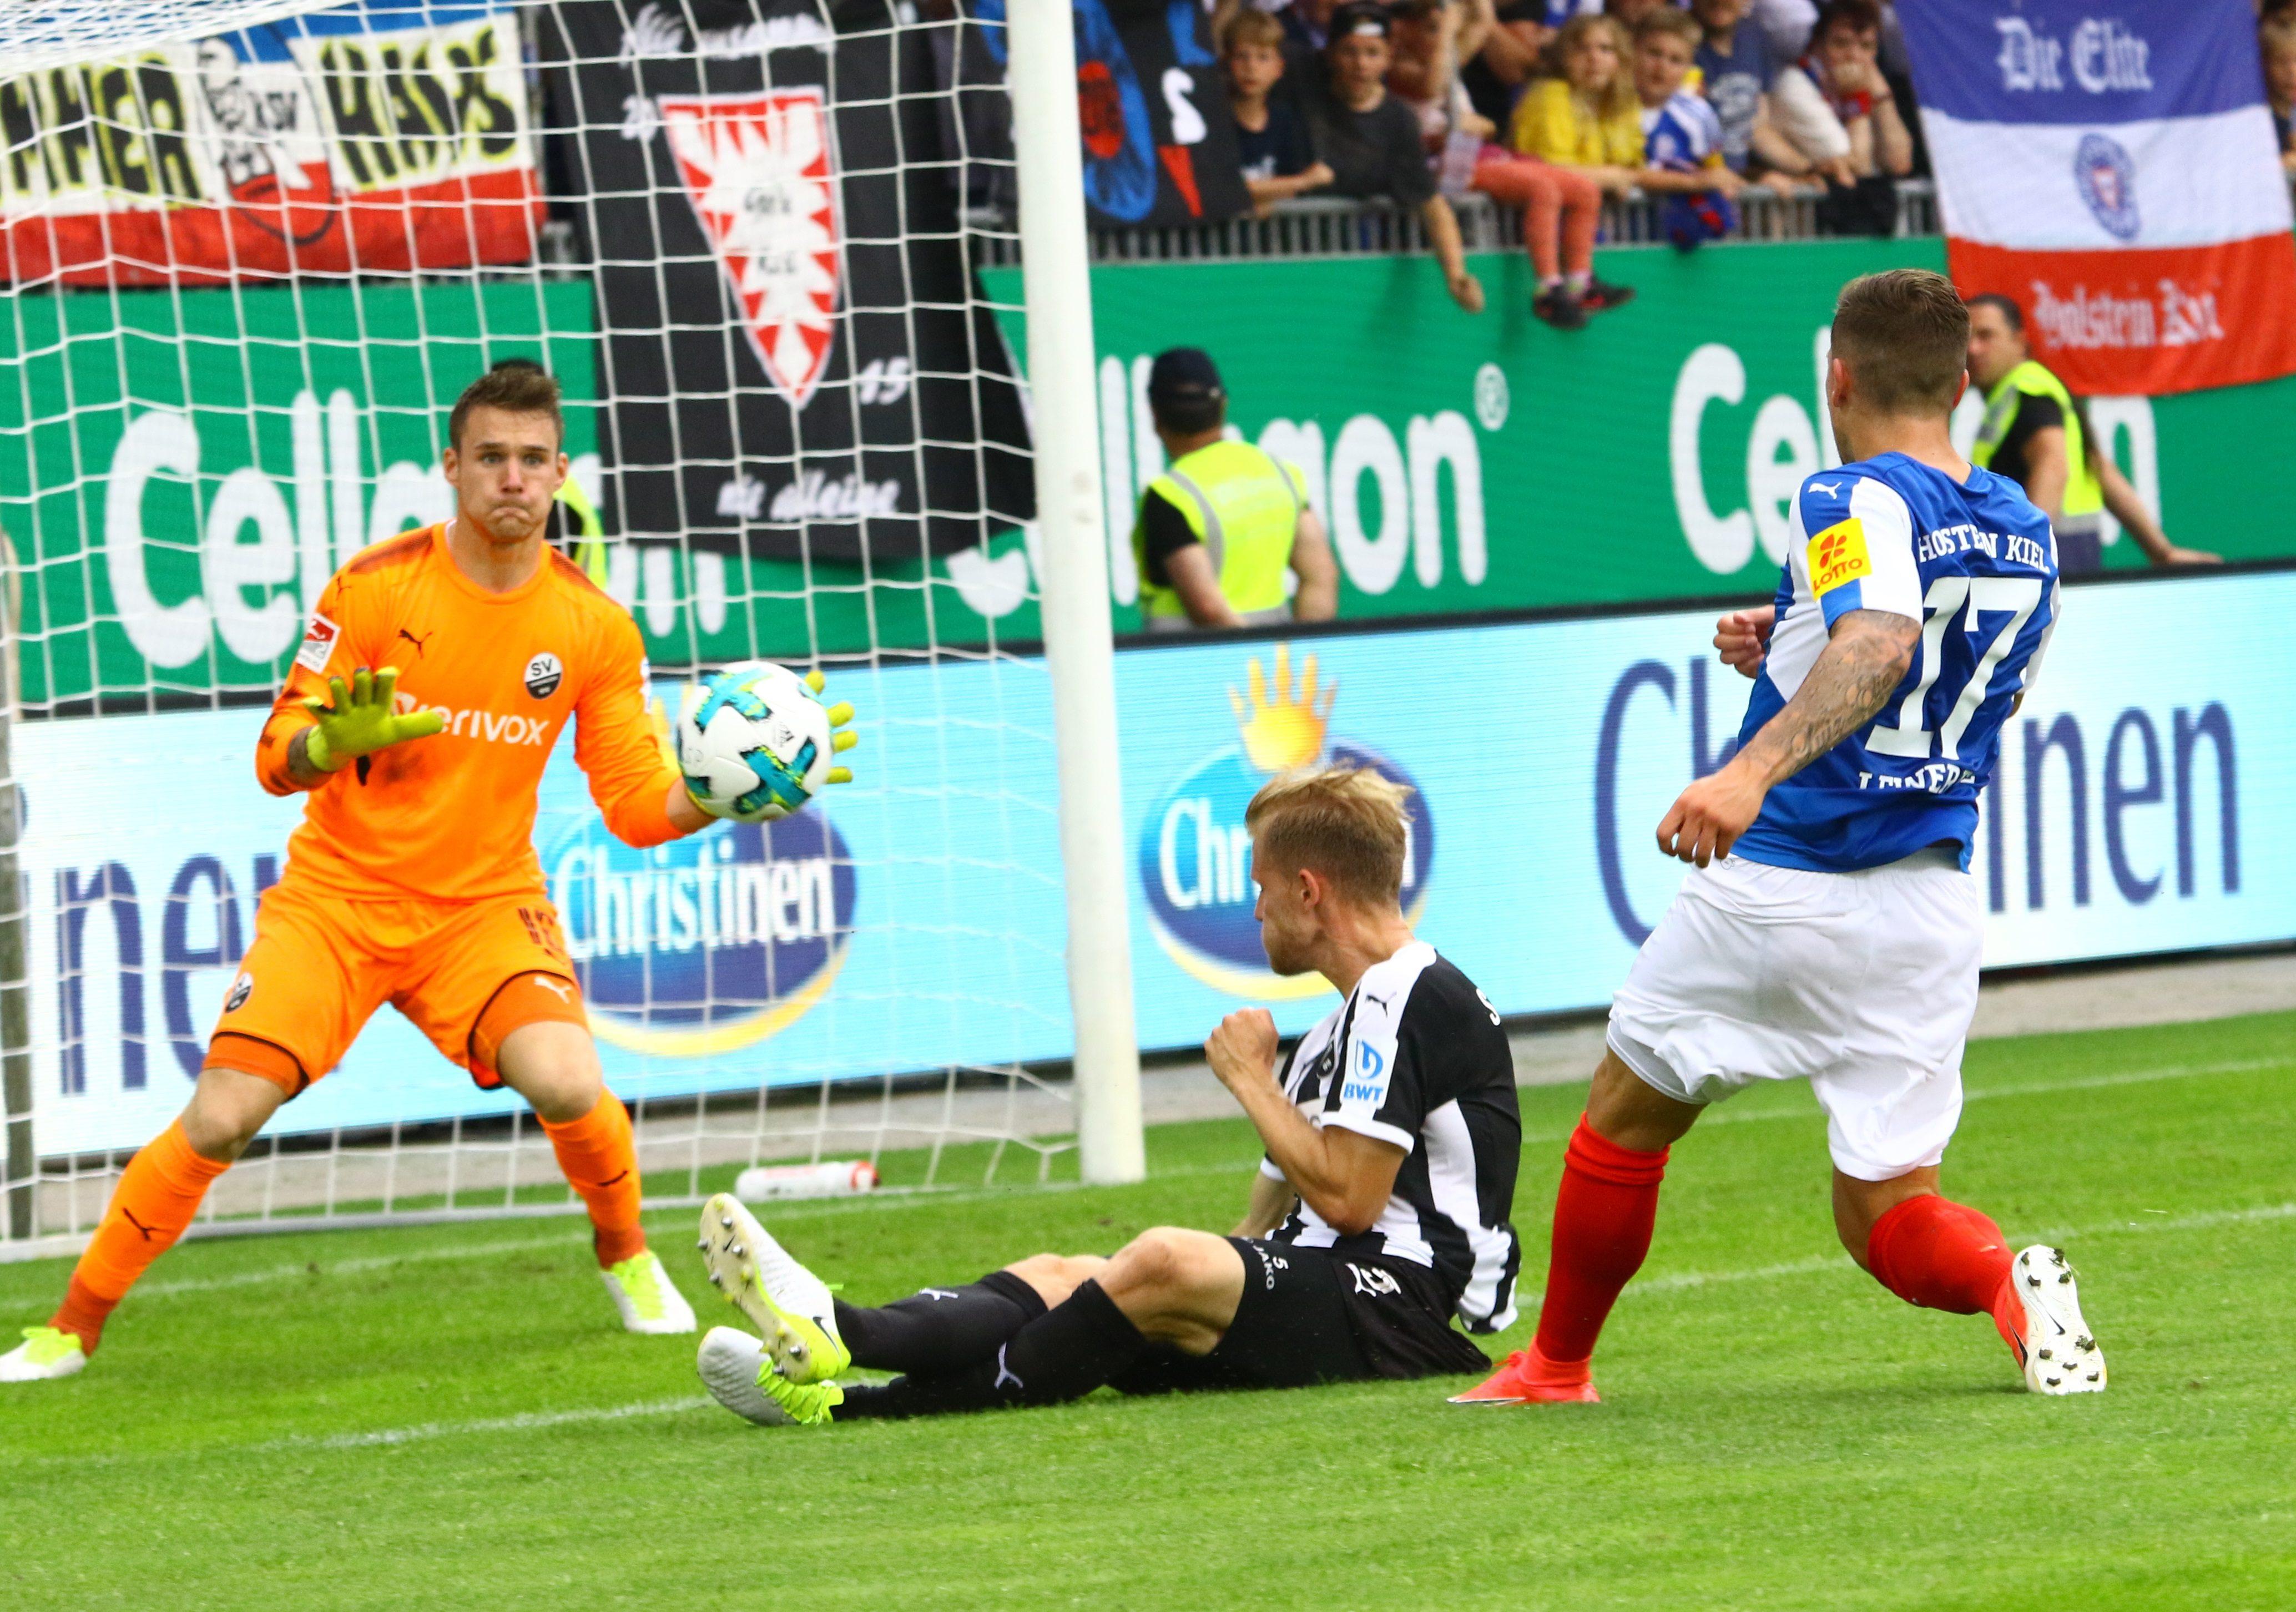 Steven Lewerenz erzielte gegen den SV Sandhausen das erste Tor der KSV nach dem Aufstieg in die 2. Bundesliga.